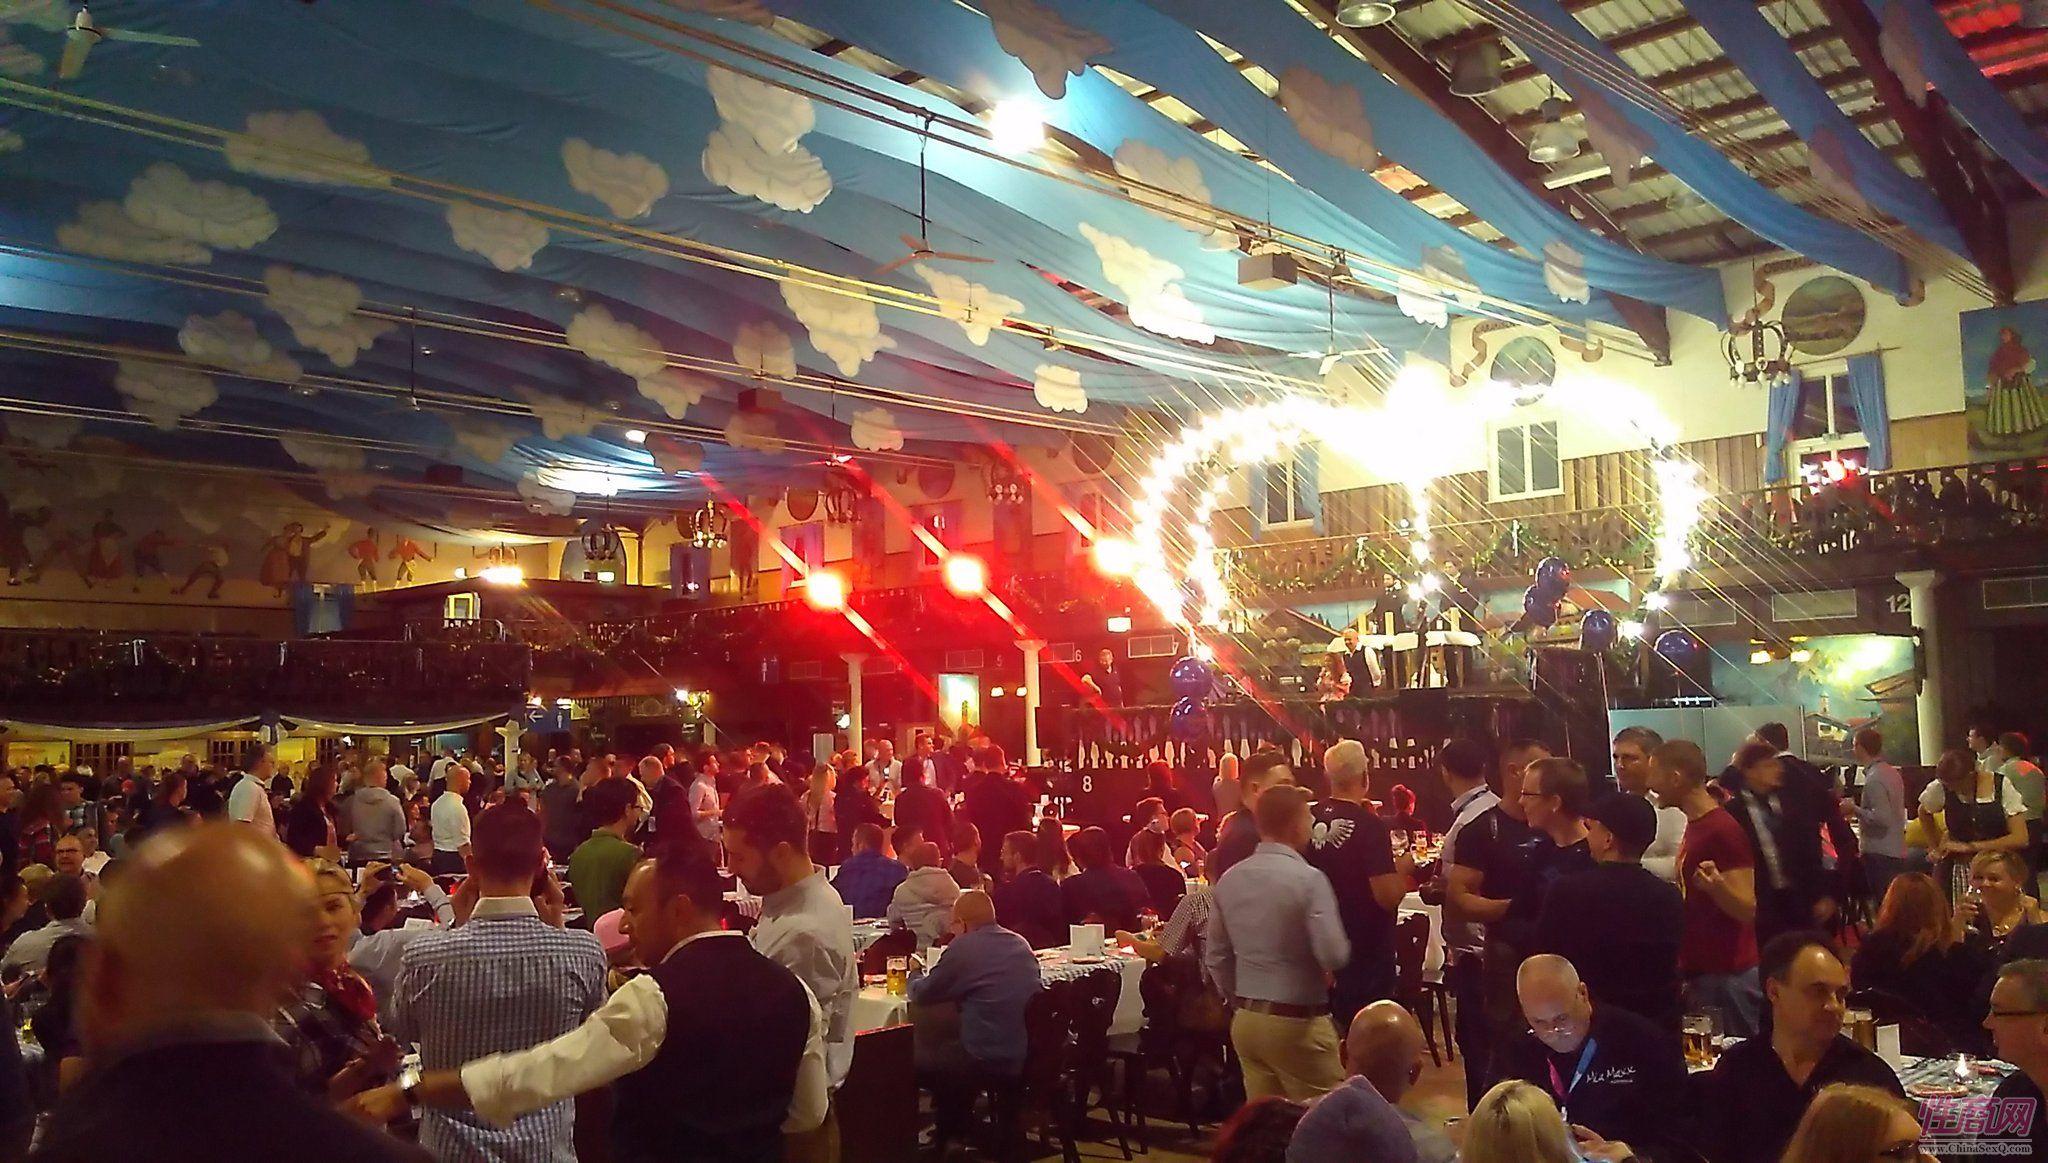 10月12日汉诺完成人展第二天是德国盛大的啤酒节